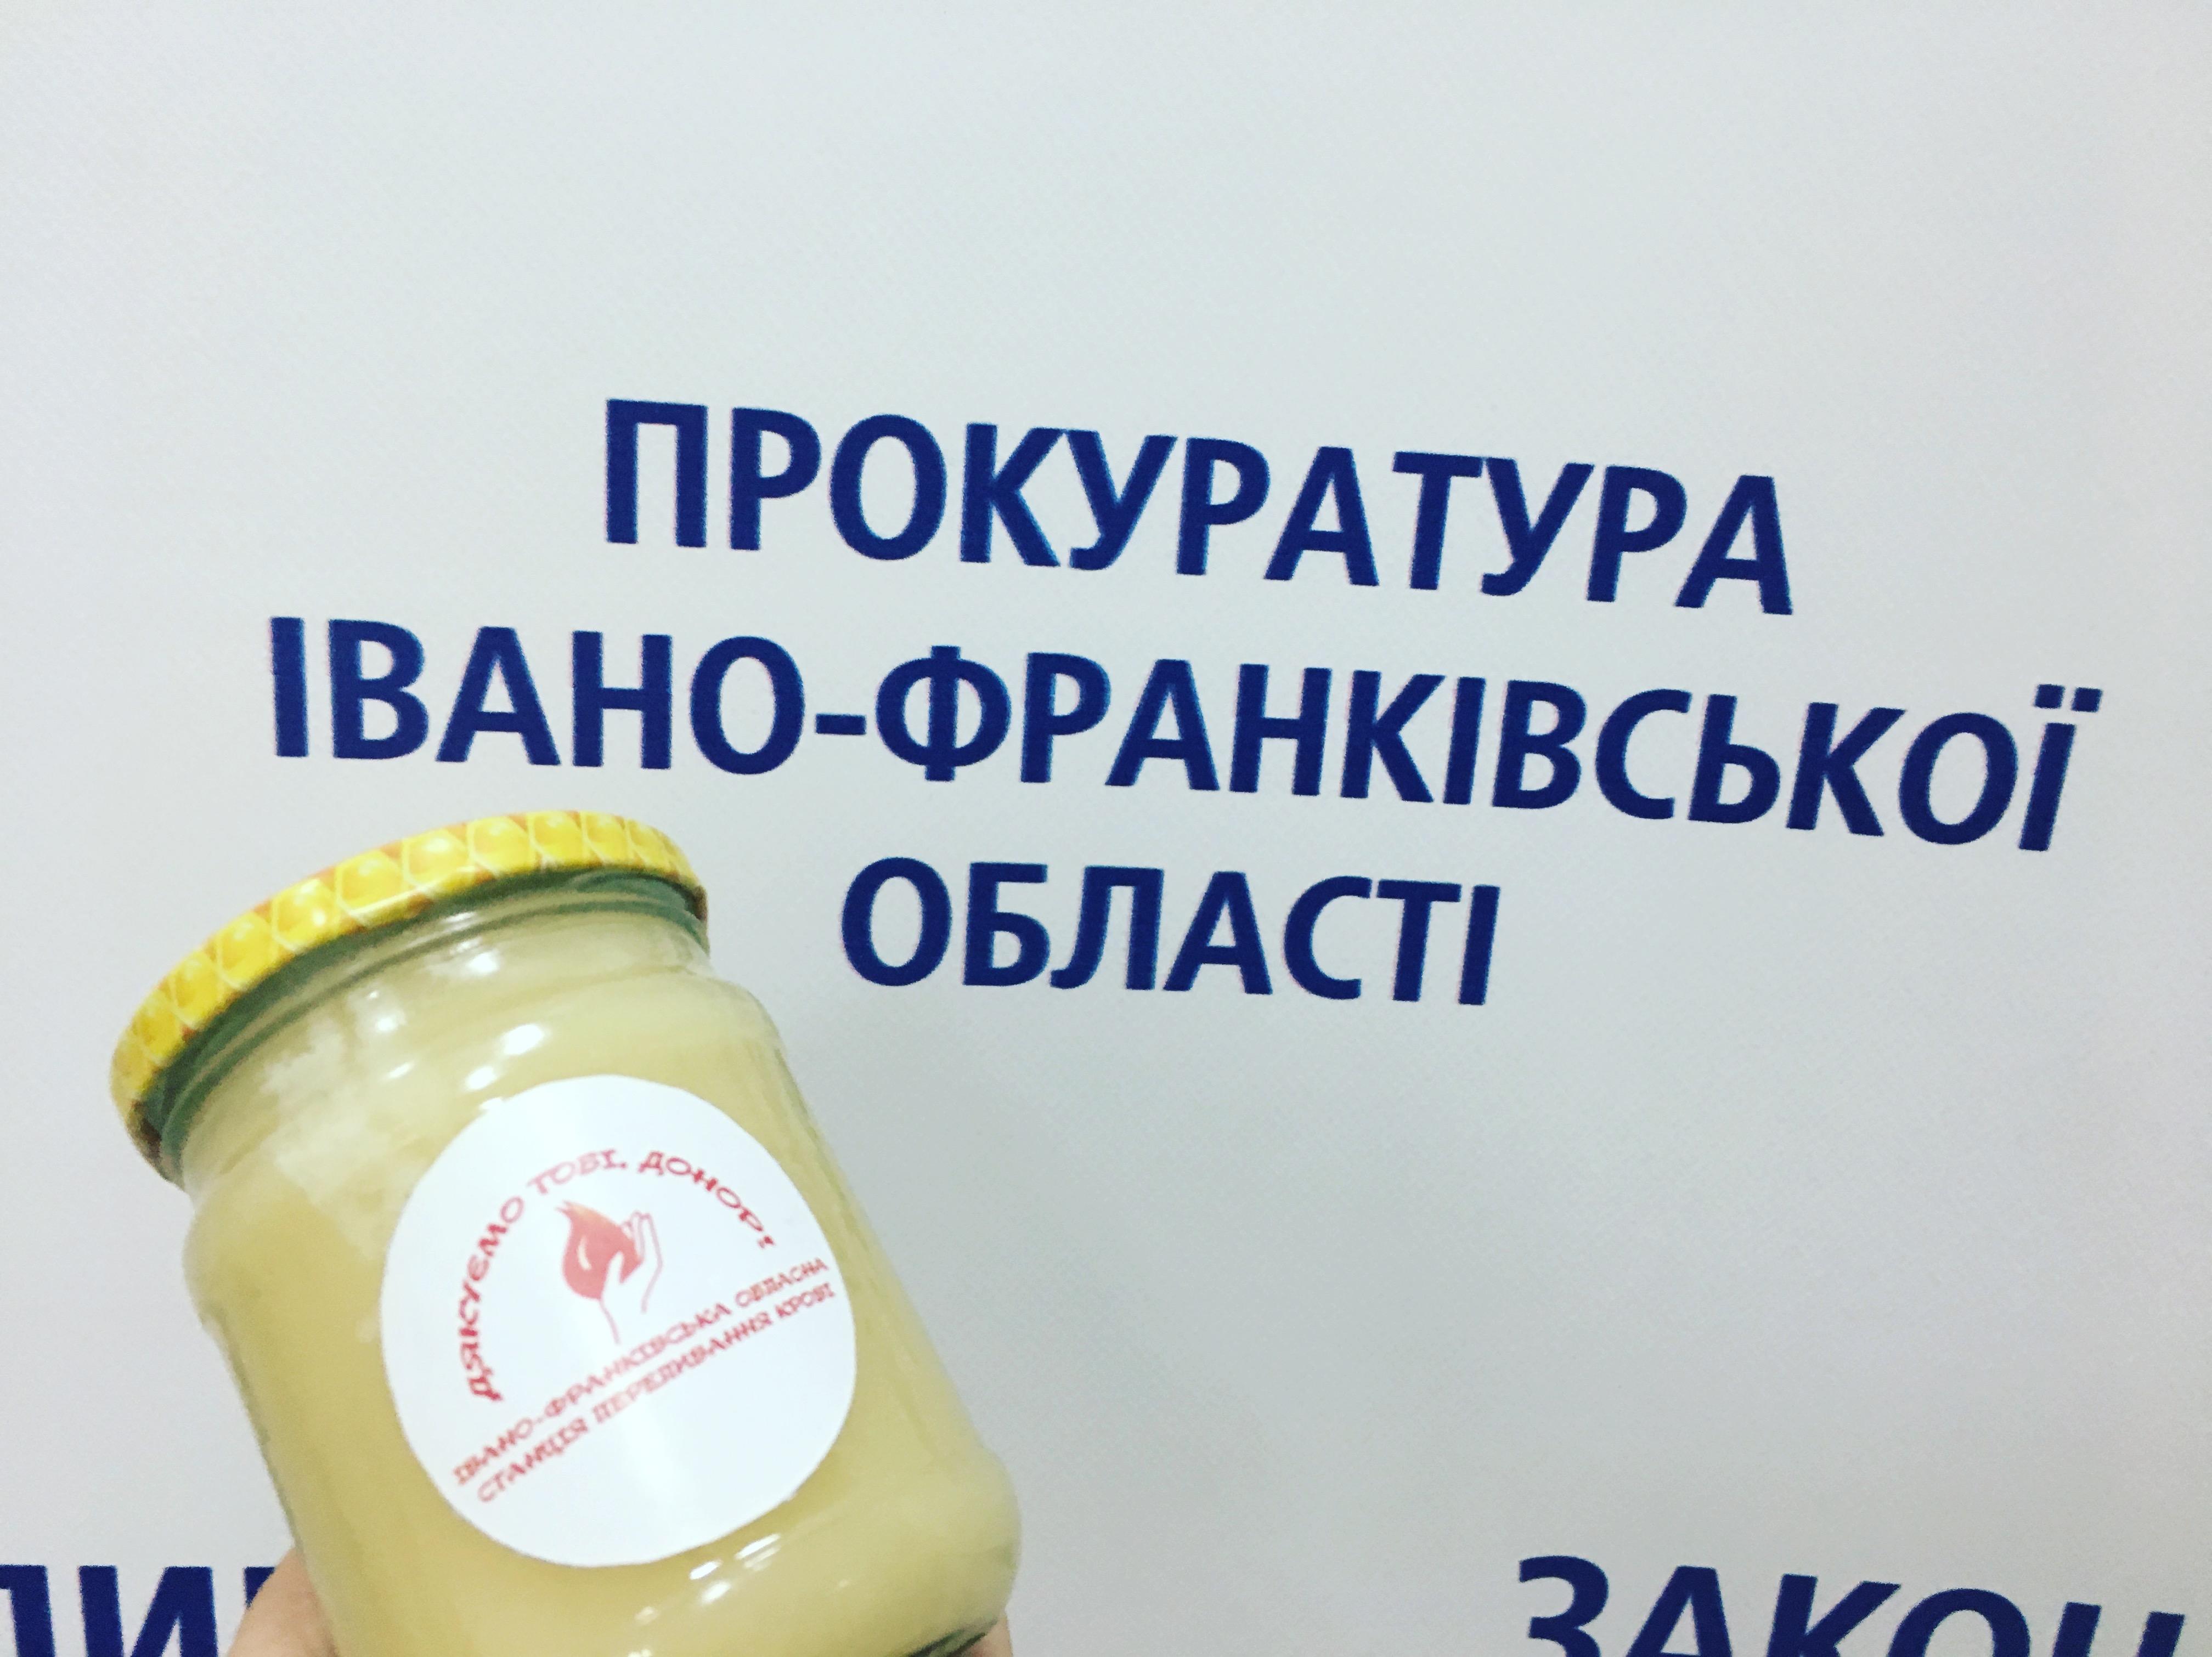 Працівники органів прокуратури Івано-Франківської області долучилися до благодійної акції